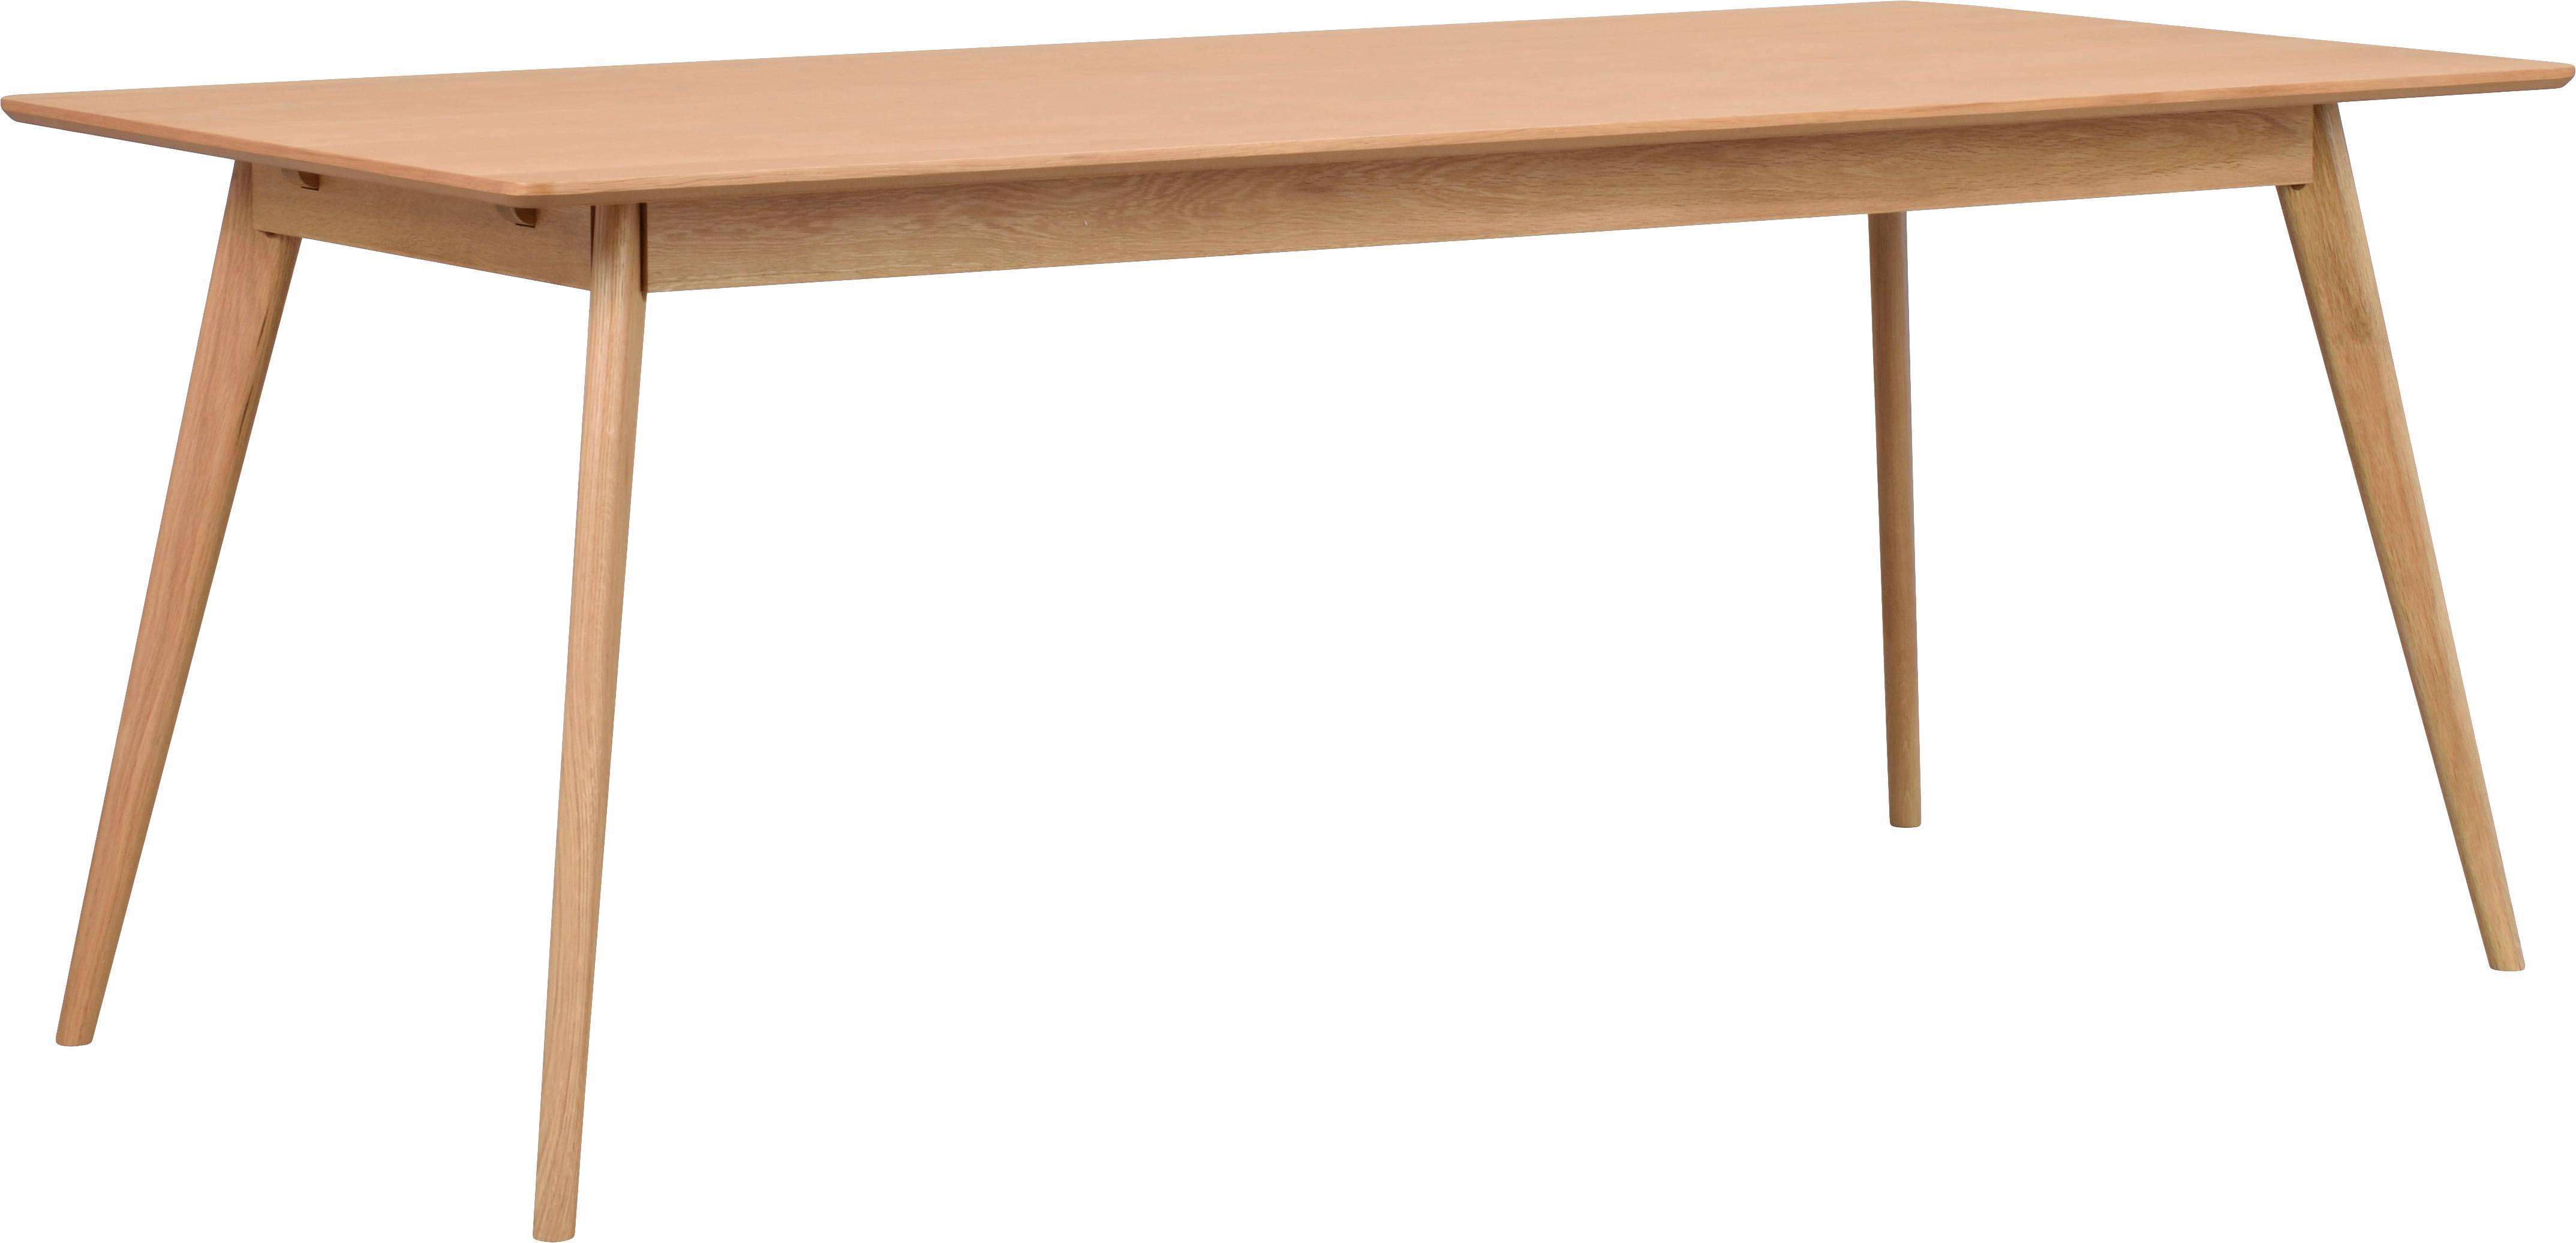 Houten eettafel Yumi met eikenhoutfineer, Tafelblad: MDF, gelakt essenhoutfine, Poten: massief gebeitst rubberho, Eikenhoutkleurig, B 190 x D 90 cm